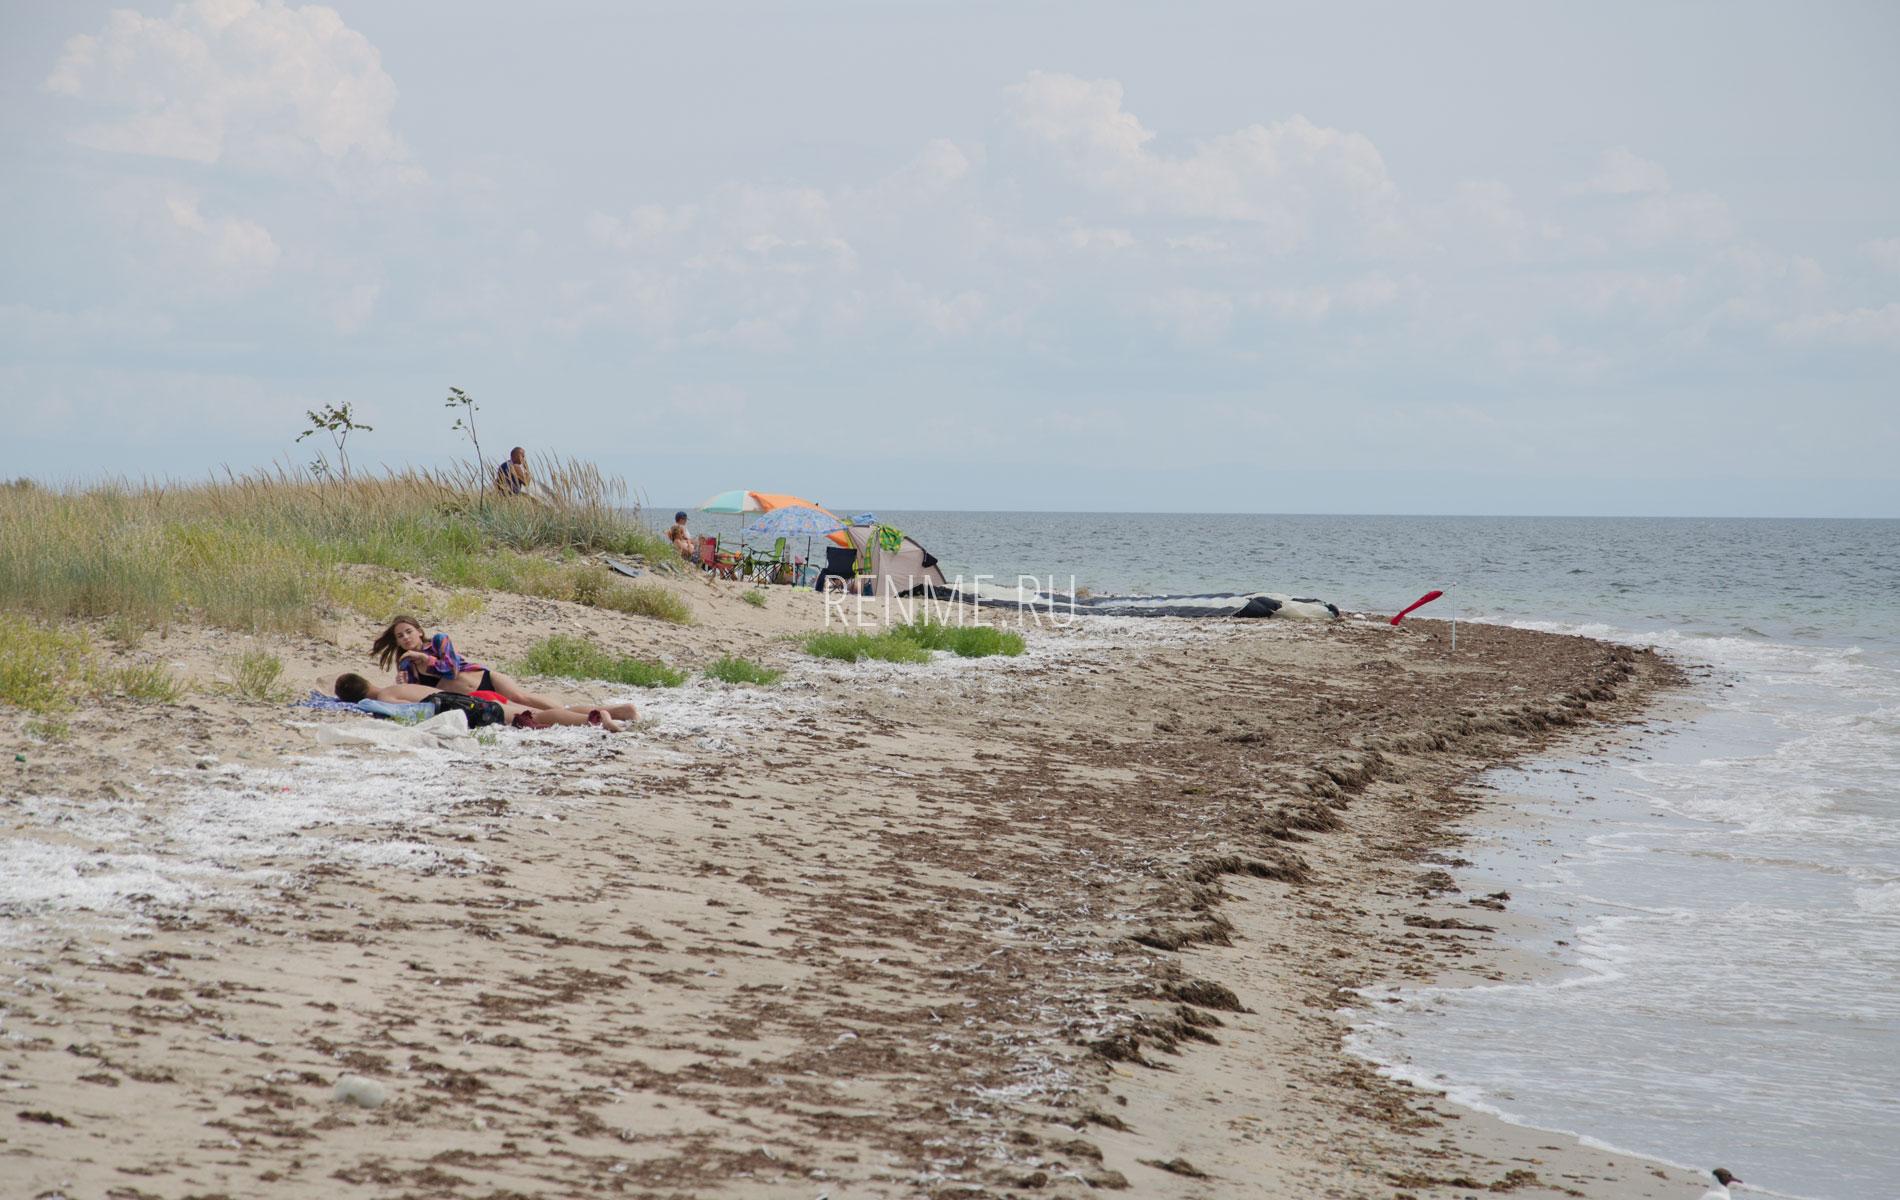 Дивно дикий пляж. Фото Молочного